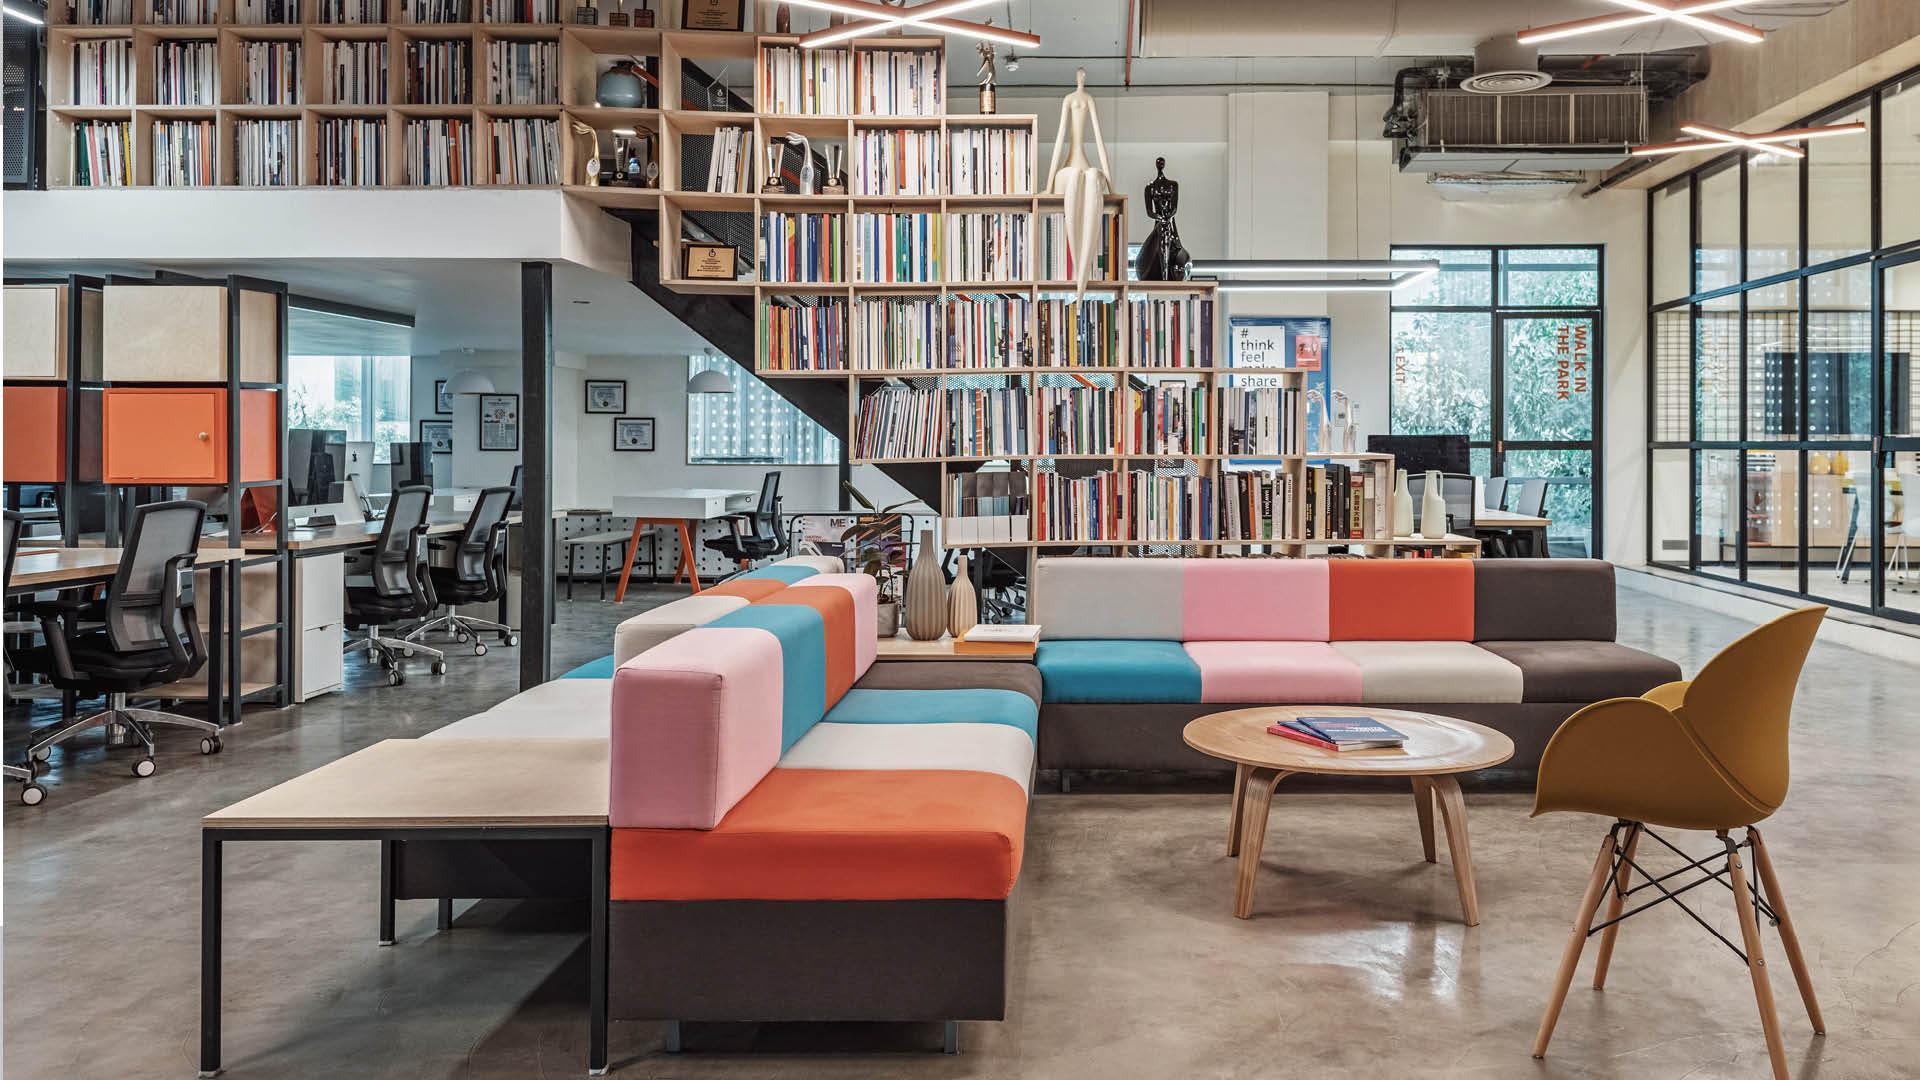 AICL mumbai office interior design